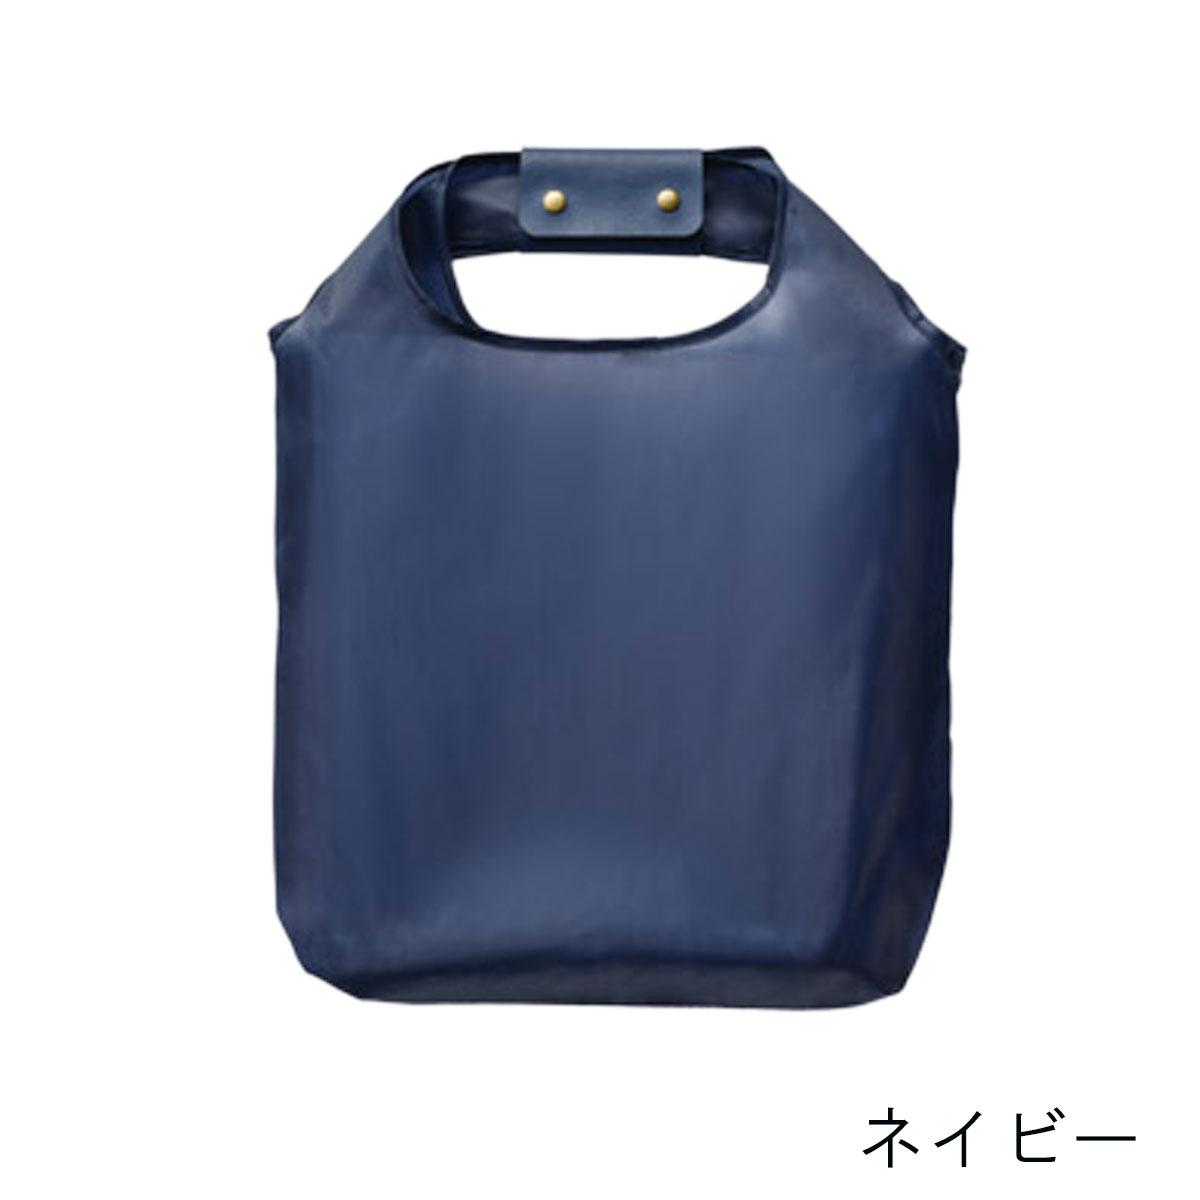 キャッシュレス対応 お買い物エコバッグ